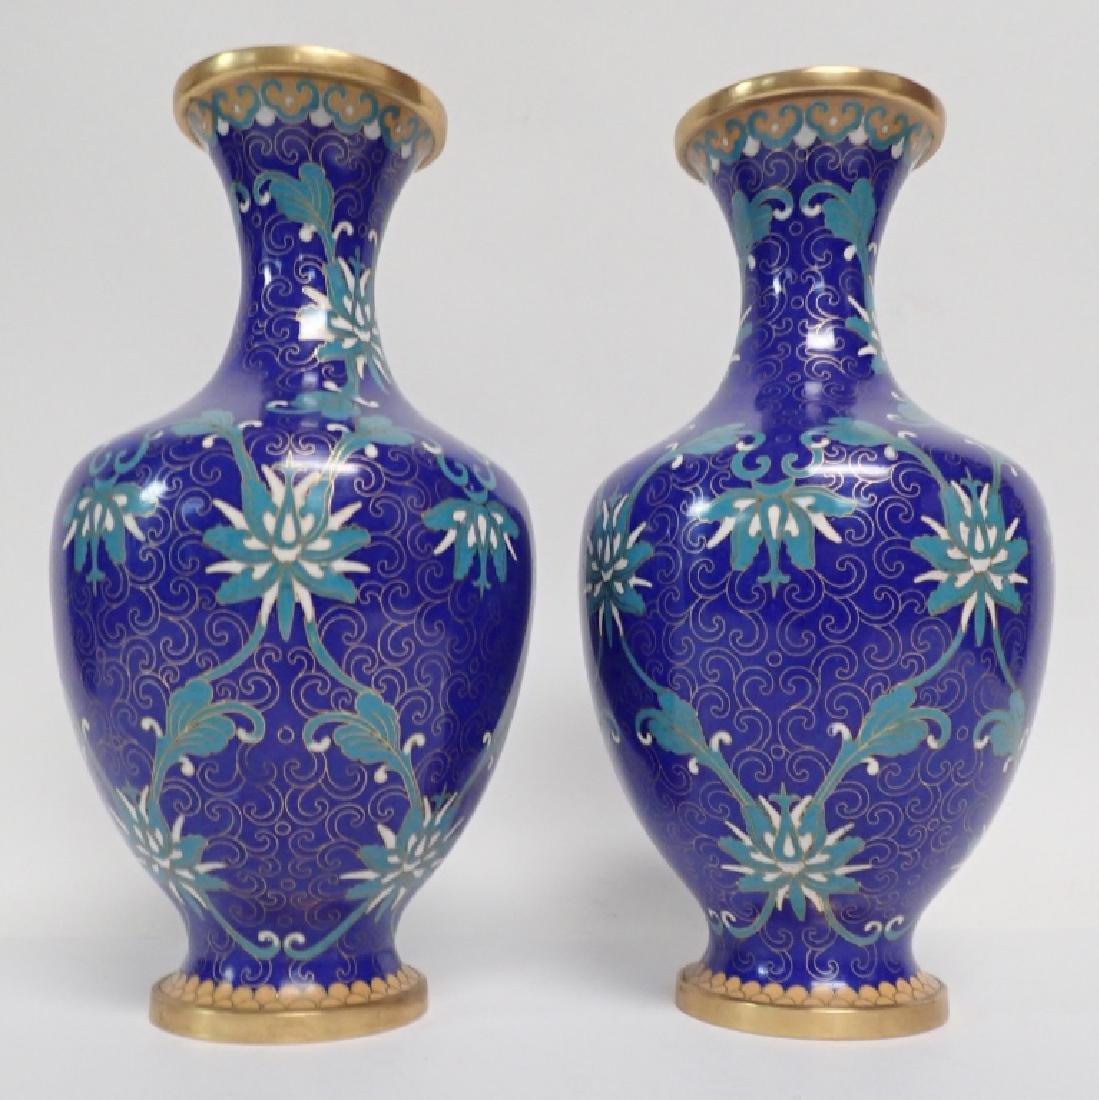 Vintage Asian Cloisonne Vase Pair - 2